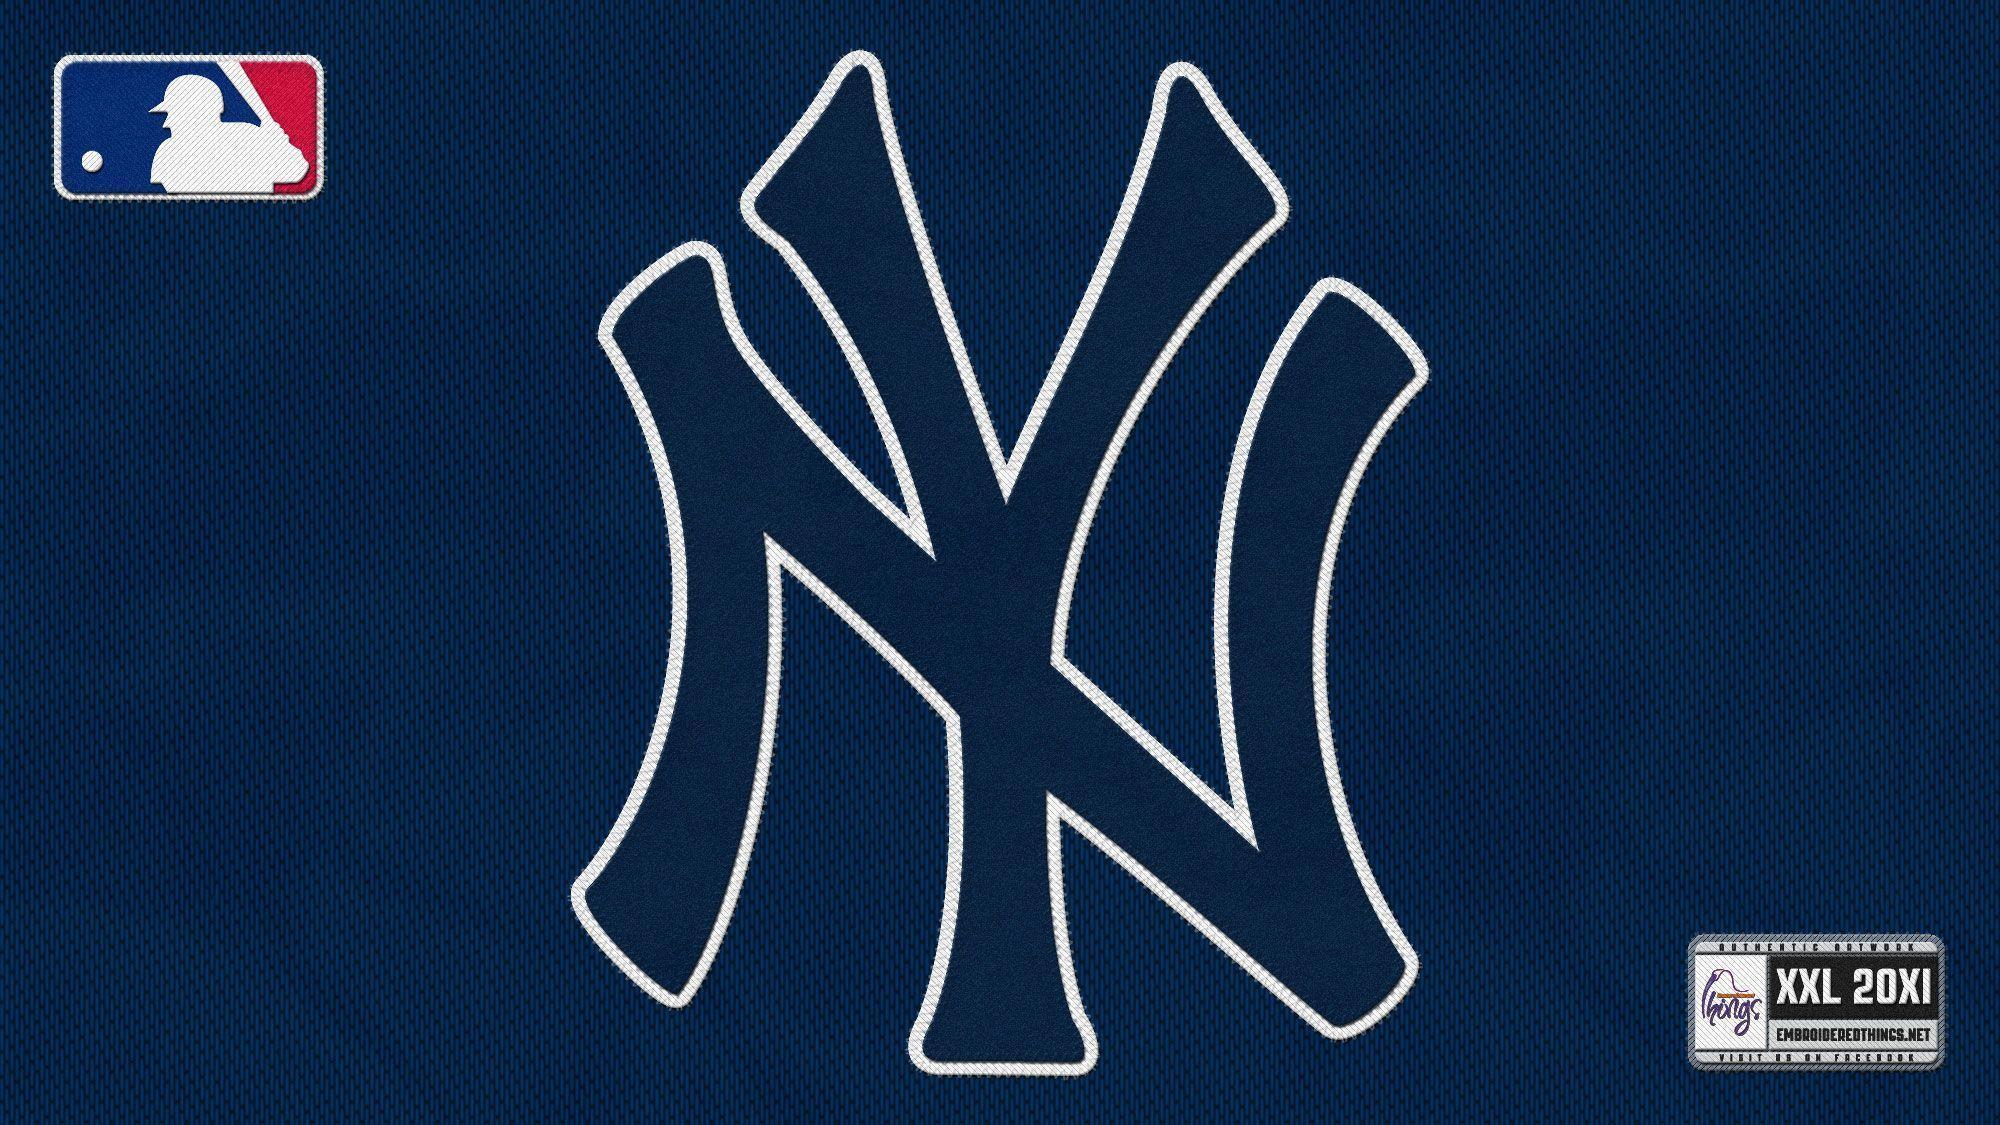 new york yankees logo wallpapers wallpaper cave